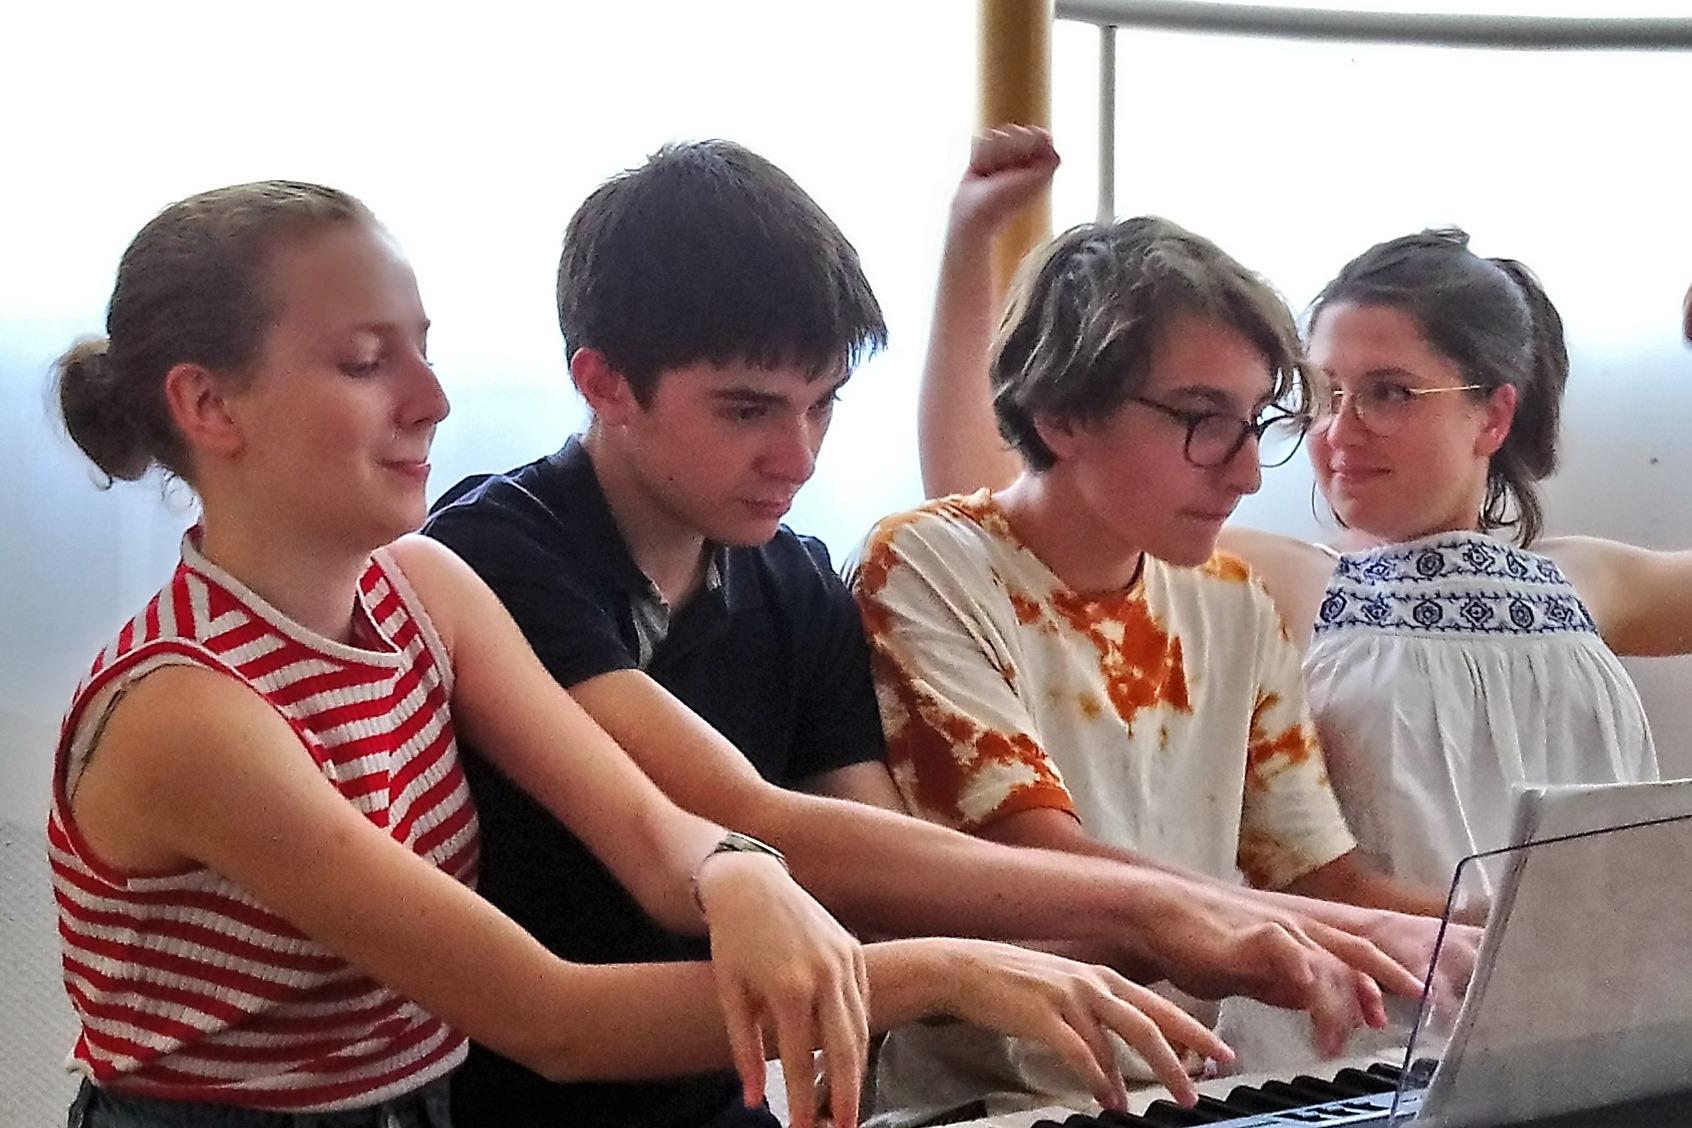 Quatre pianistes jouant sur un piano